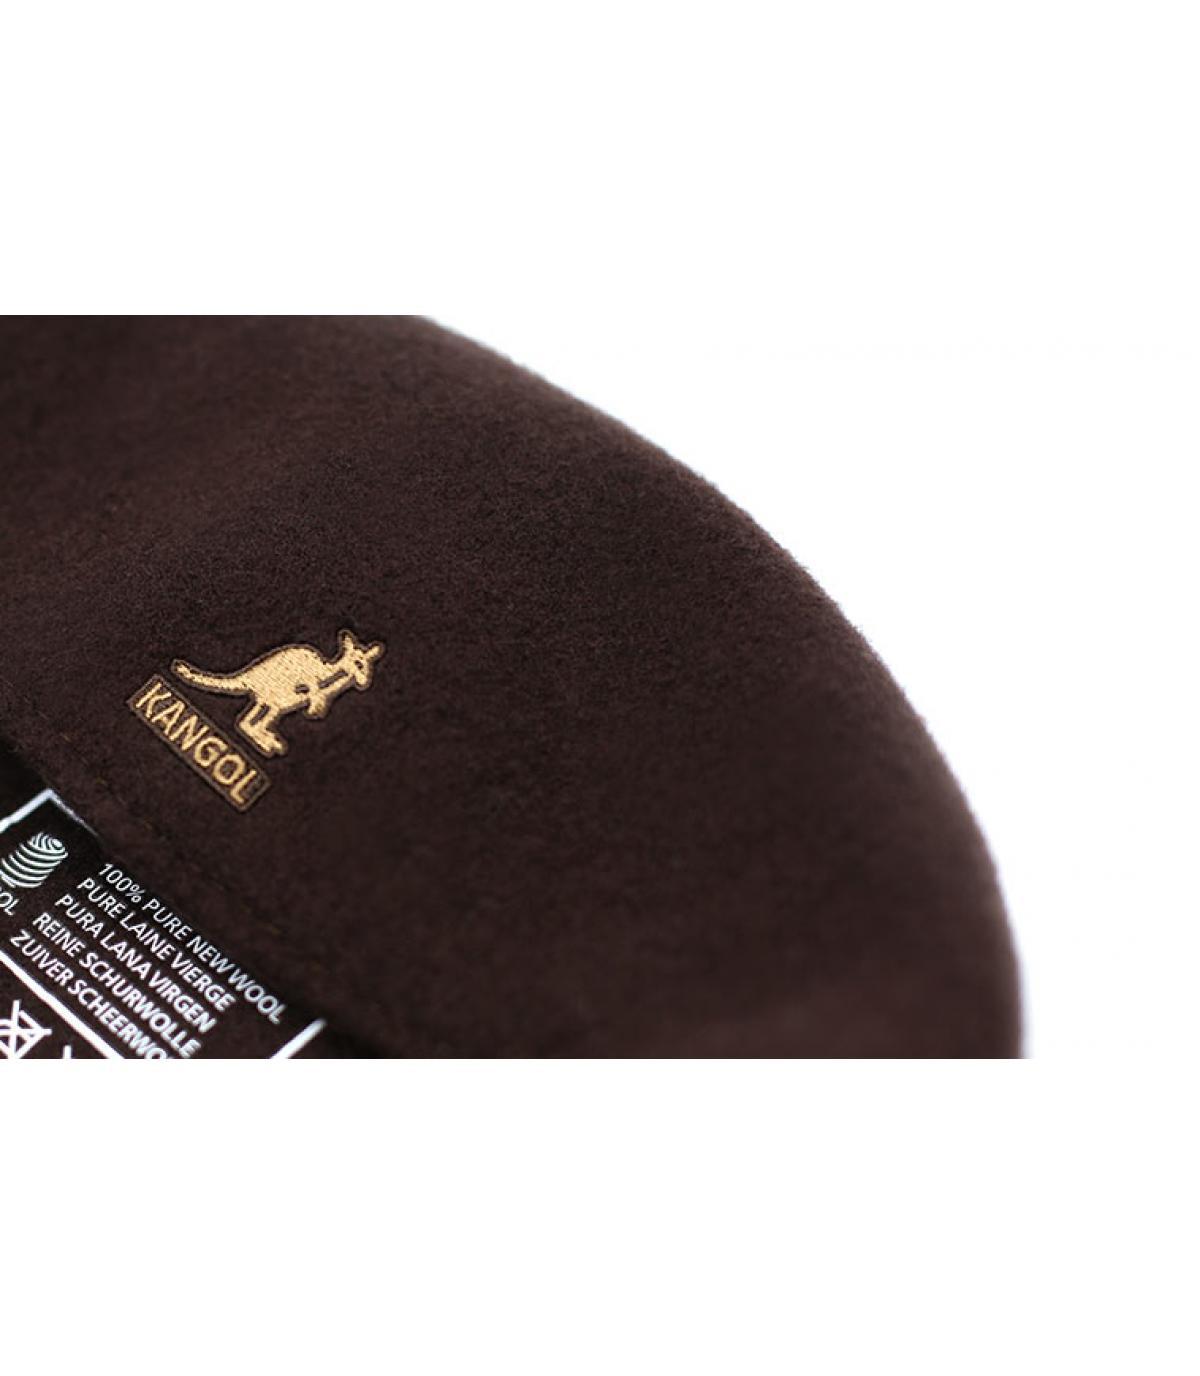 Details Wool 504 tobacco - afbeeling 3